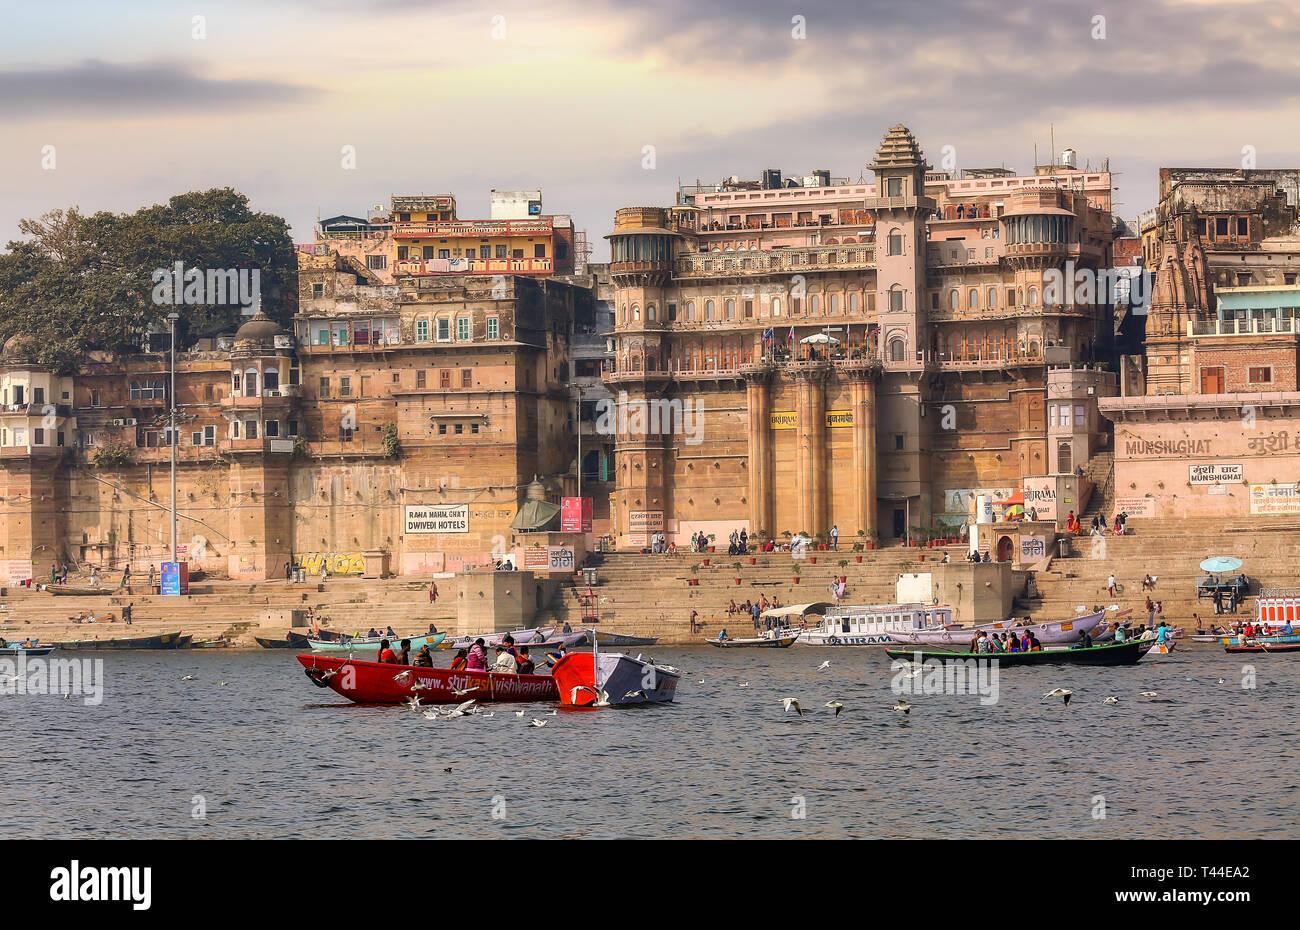 La arquitectura histórica de la ciudad de Varanasi con Banco Río Ganges al atardecer visto desde un barco Imagen De Stock